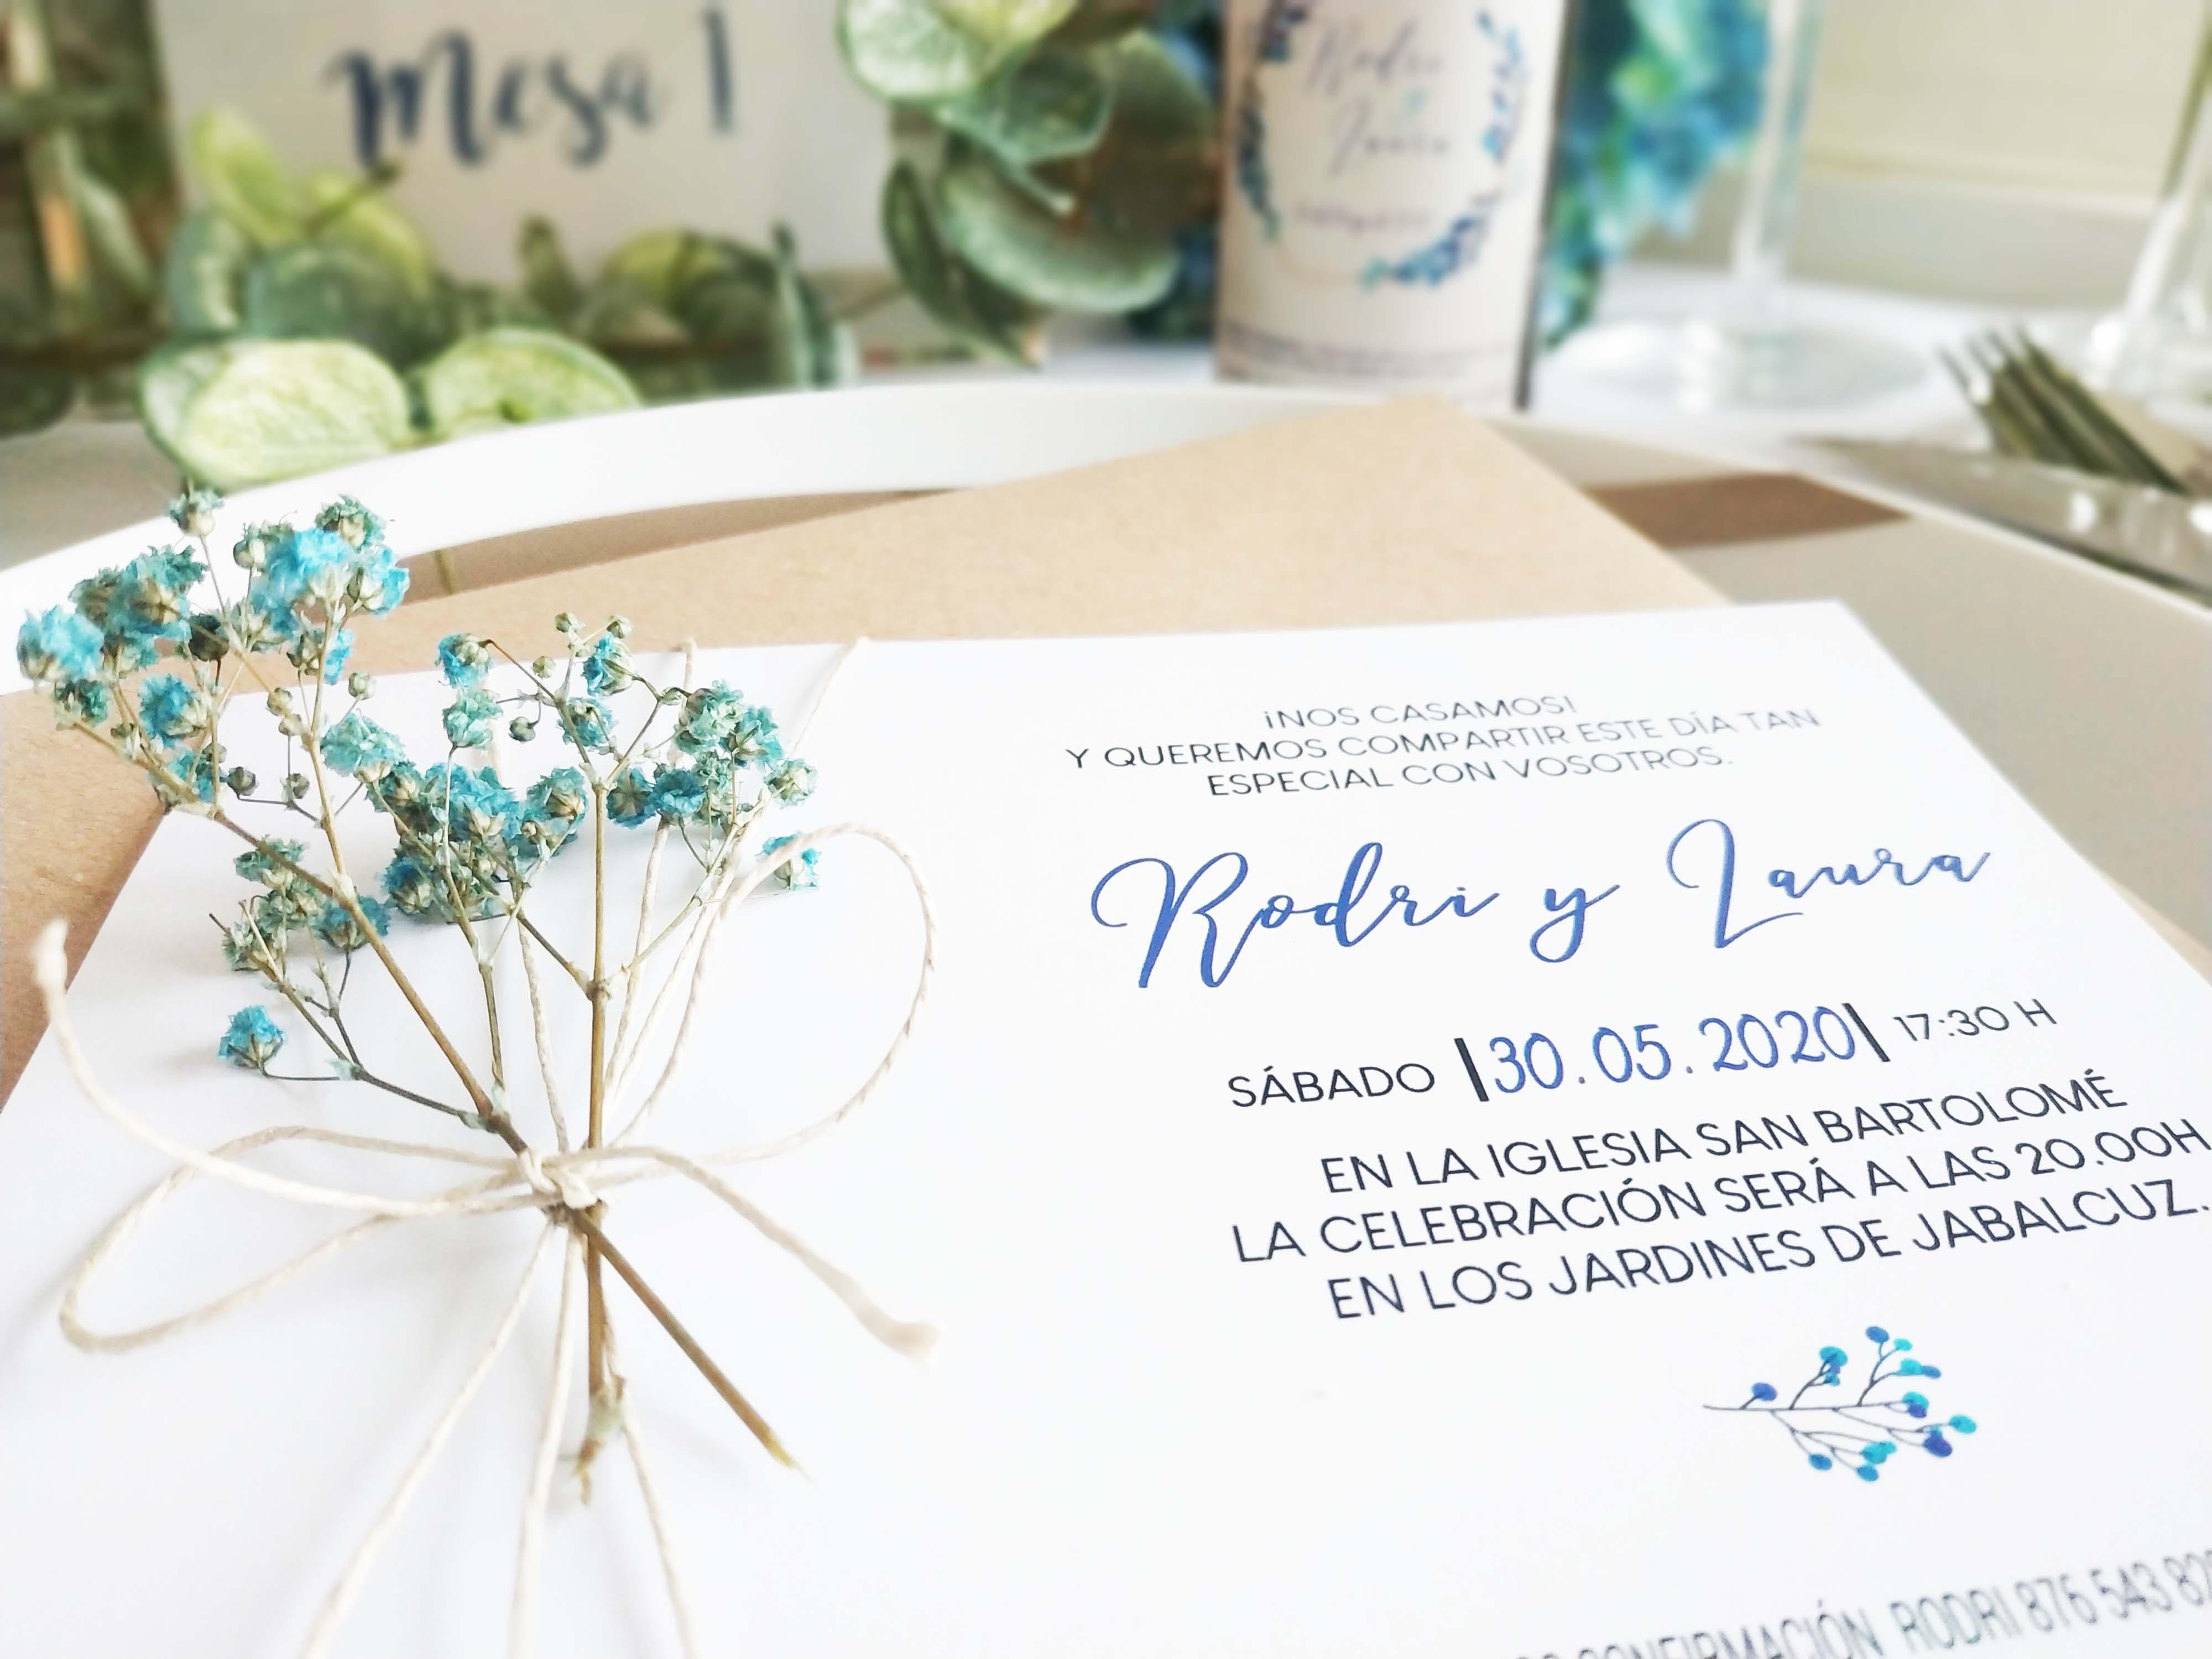 invitación flor preservada